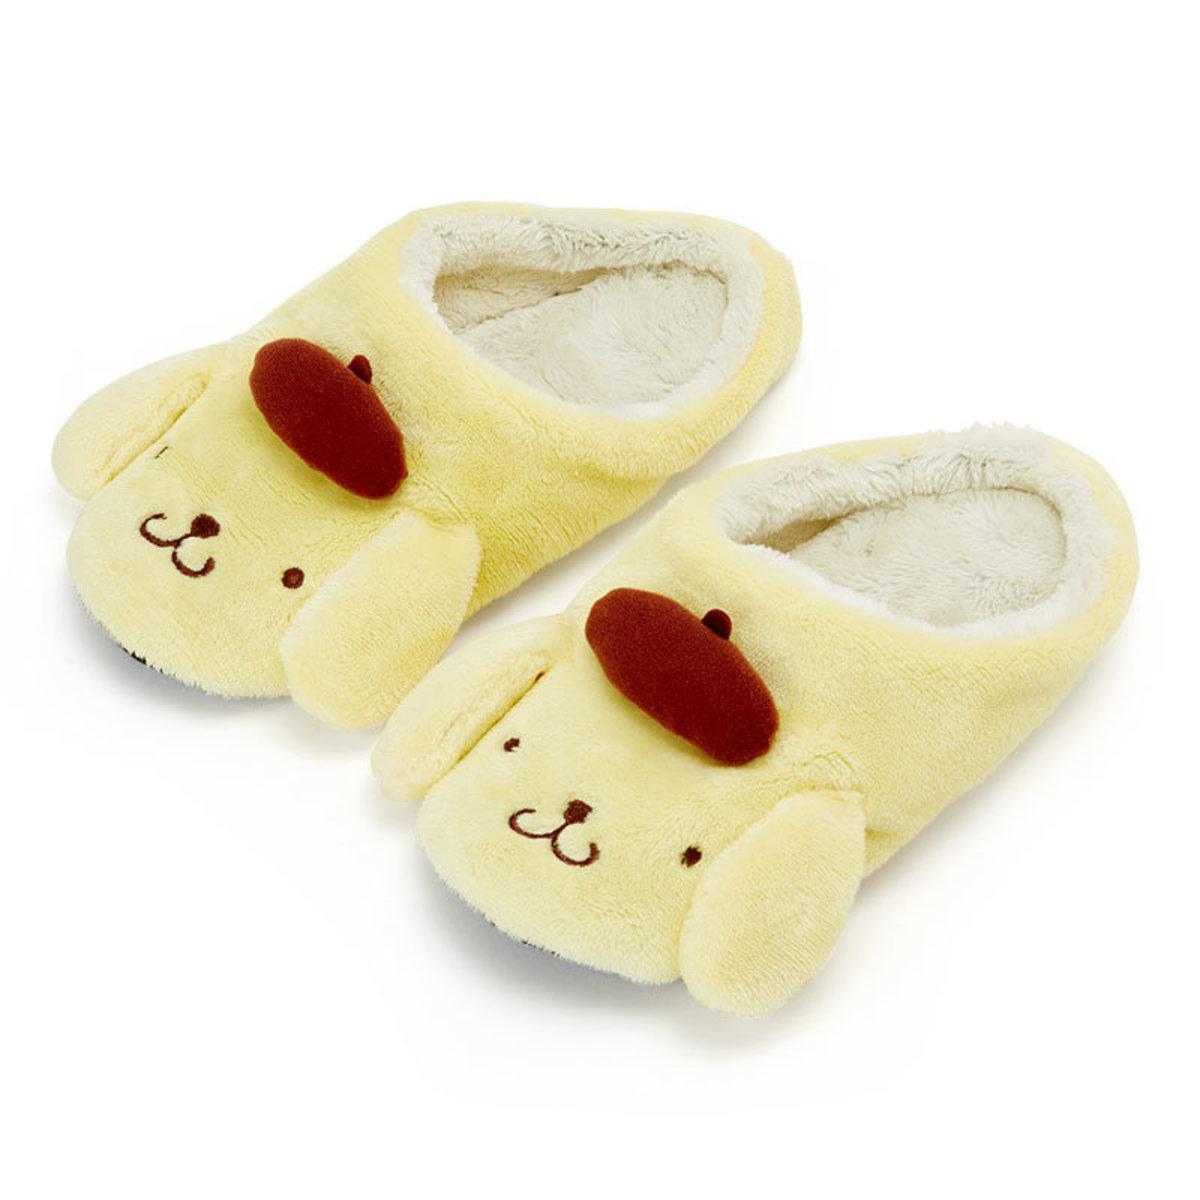 (布甸狗) 日本Sanrio可愛卡通毛毛拖鞋